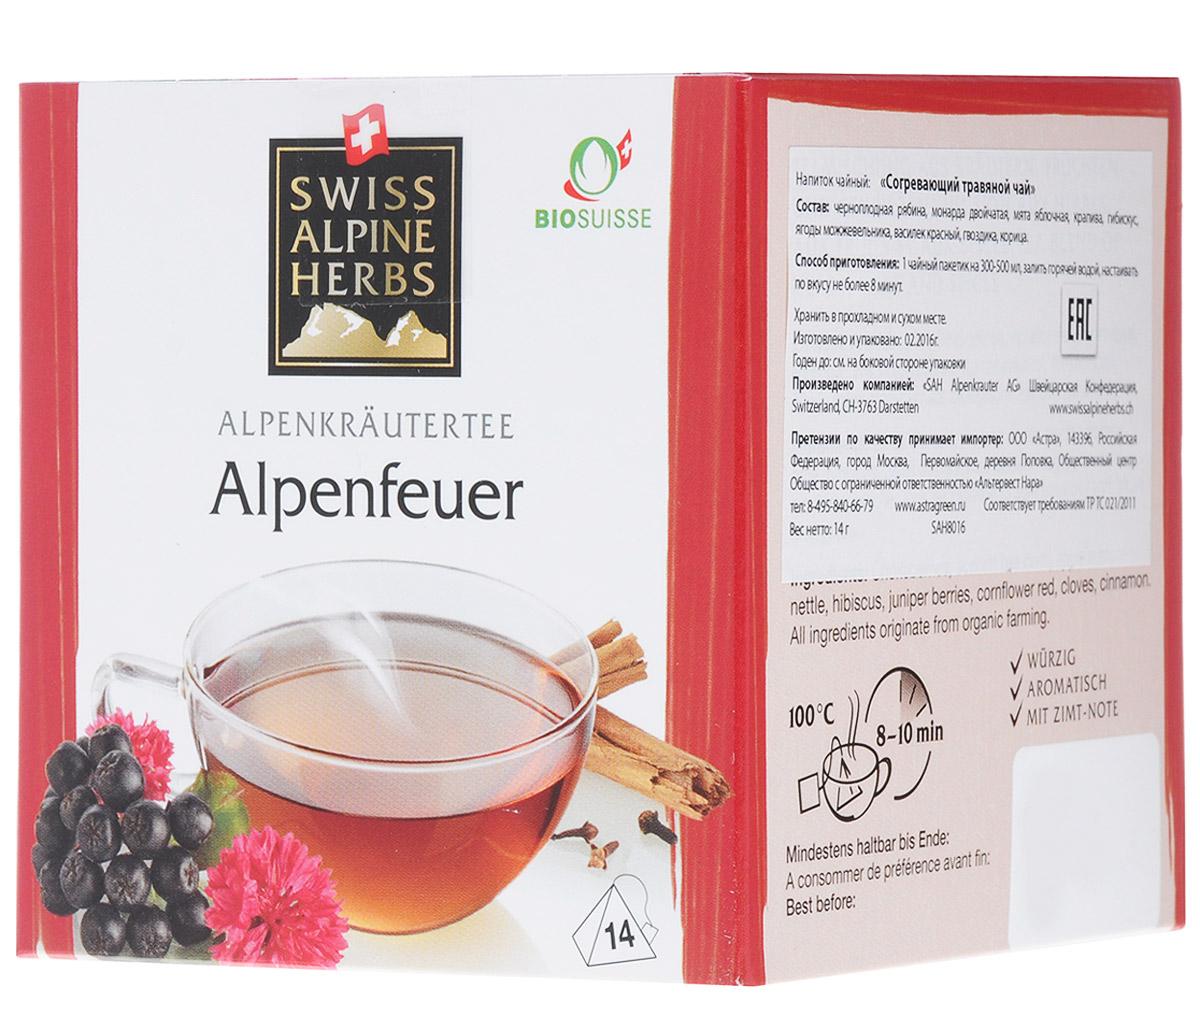 Swiss Alpine Herbs Согревающий травяной чай в пакетиках, 14 шт101246Элитный чай Swiss Alpine Herbs в треугольных пакетиках - это прекрасное сочетание ягод и трав, которые дарят чаю неповторимый аромат. Собранные на альпийских лугах в Швейцарии, они известны своими целебными свойствами. В состав входят: черноплодная рябина, двойчатая монарда, мята яблочная, крапива, гибискус, ягоды можжевельника, василек красный, гвоздика, корица.